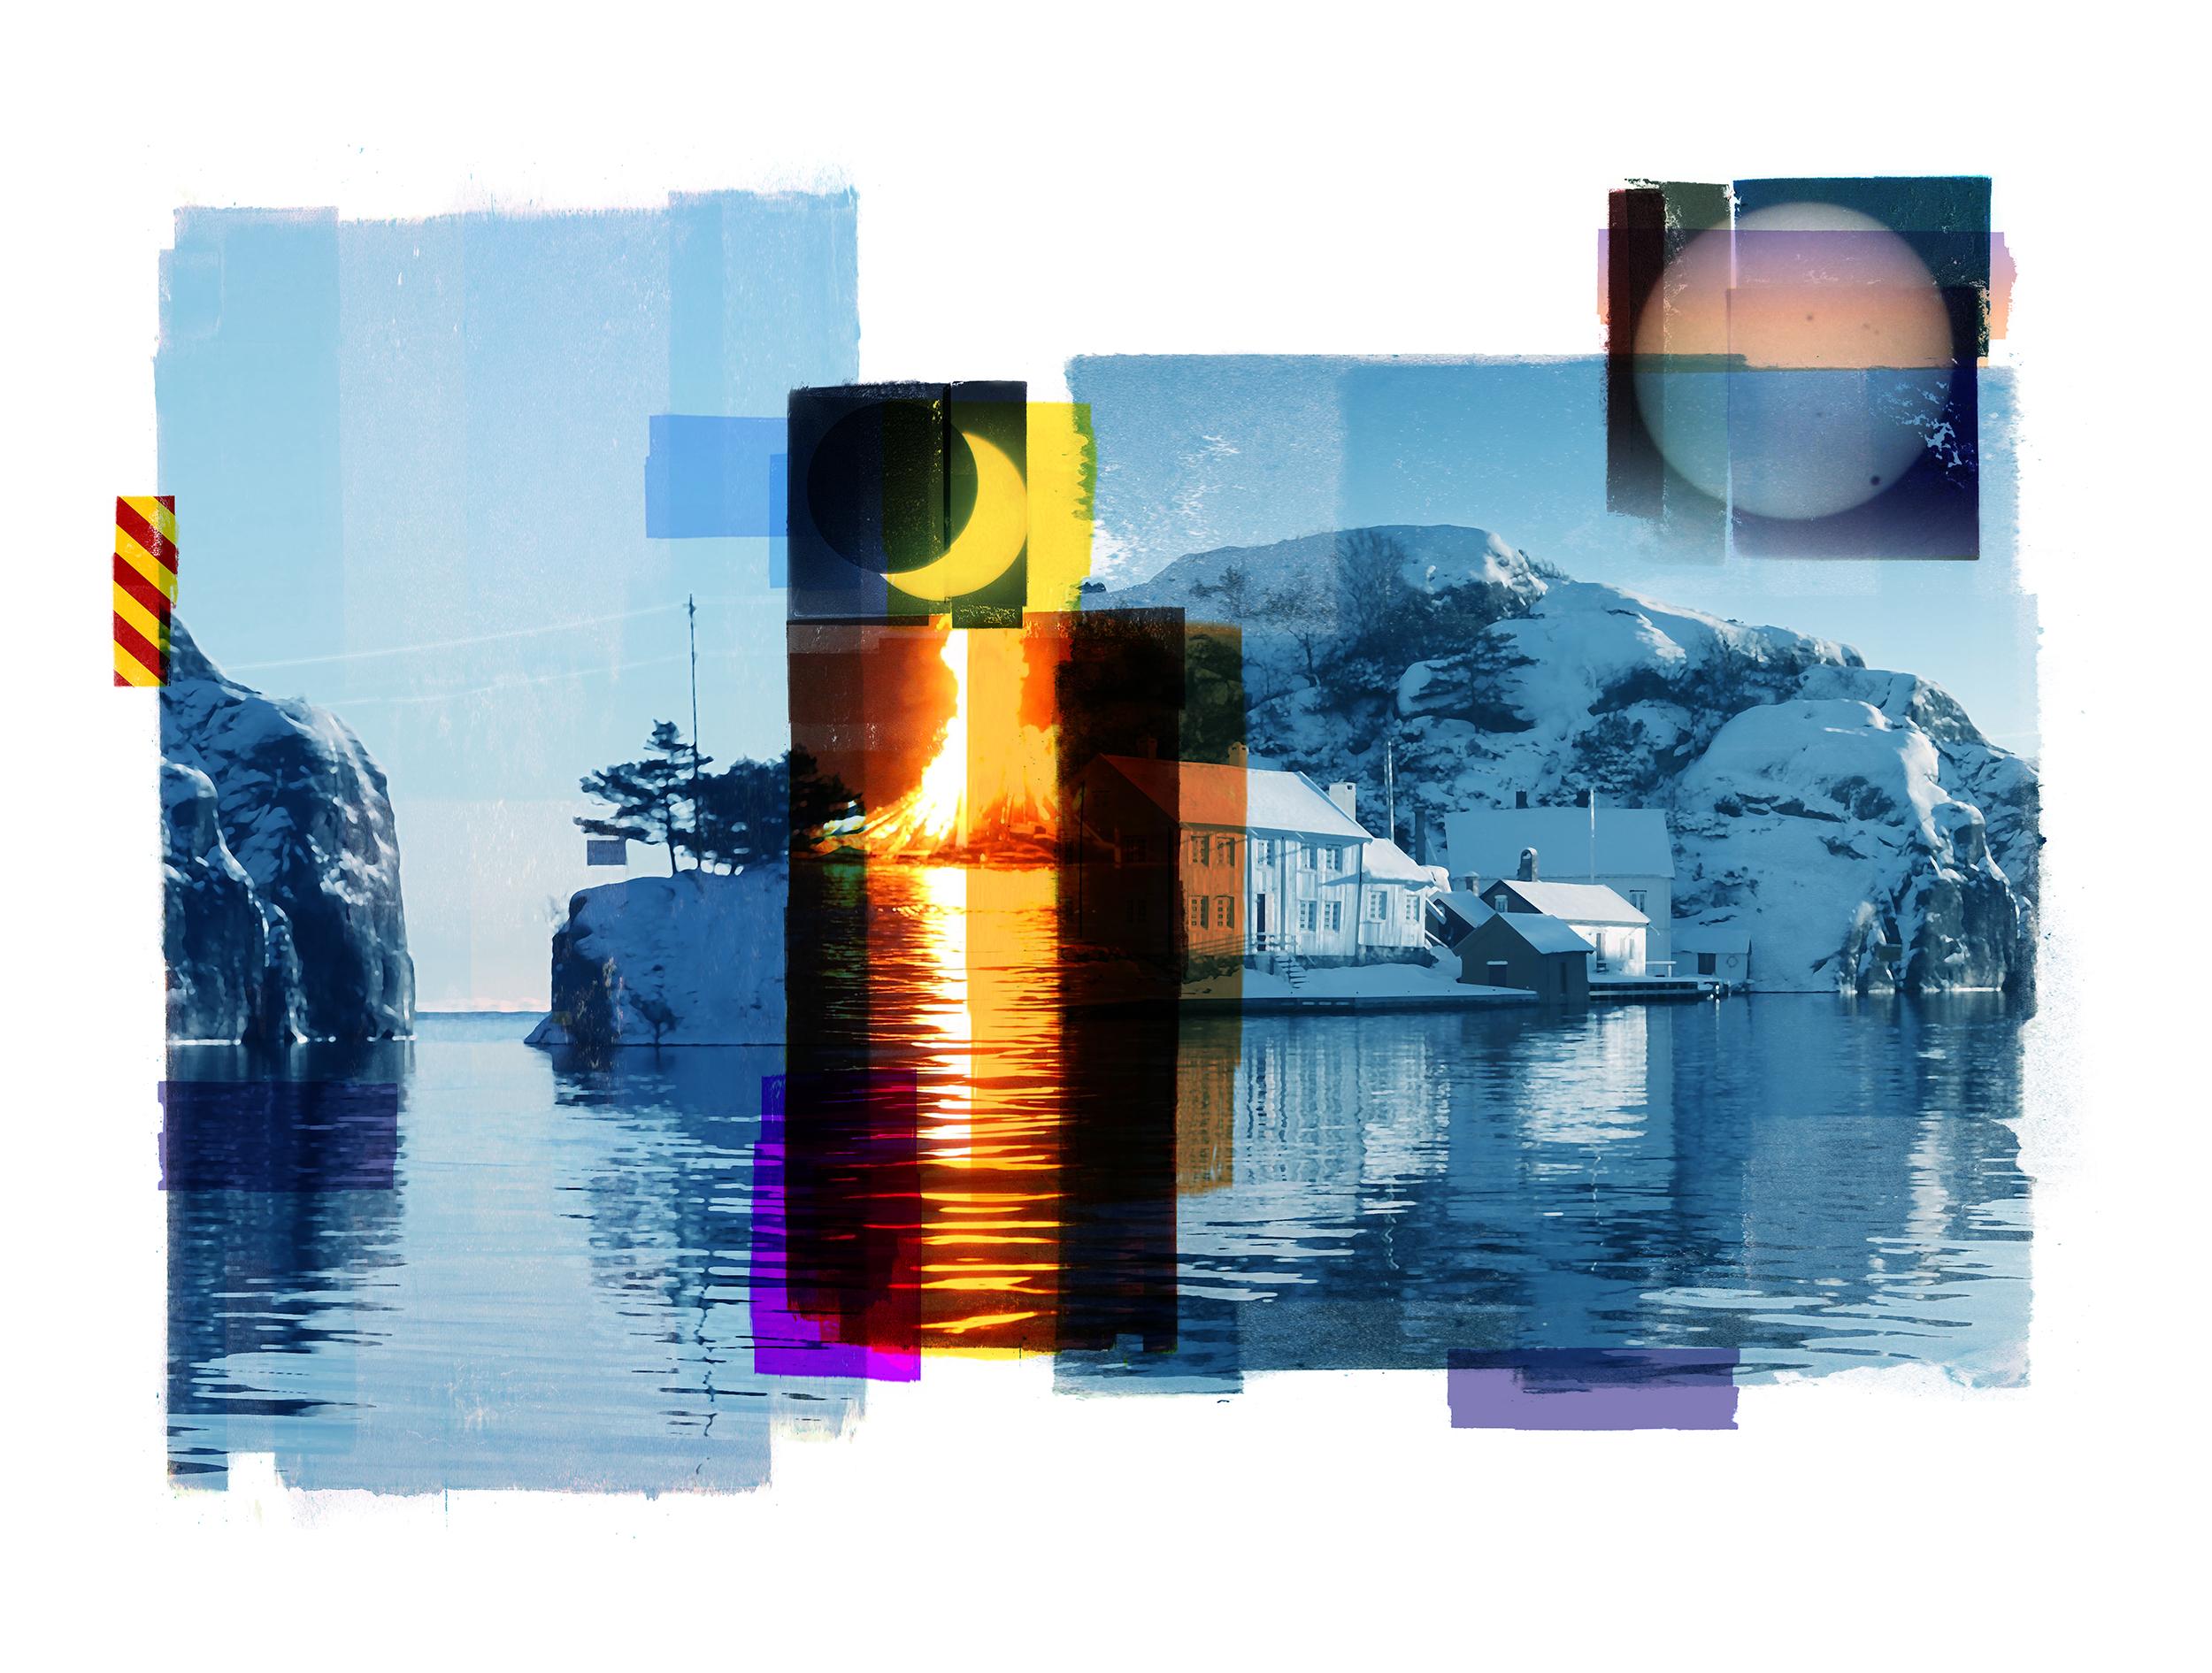 A Winter sun / Eclipse / Venus Passage (Archipelago)  Photolitho/ BFK Rives 300 gr 78 x 59 cm / 30,7 x 22,5 in Edition of 100 + 10 Ap Editeur: IDEM PARIS / Per Fronth  16/2016: